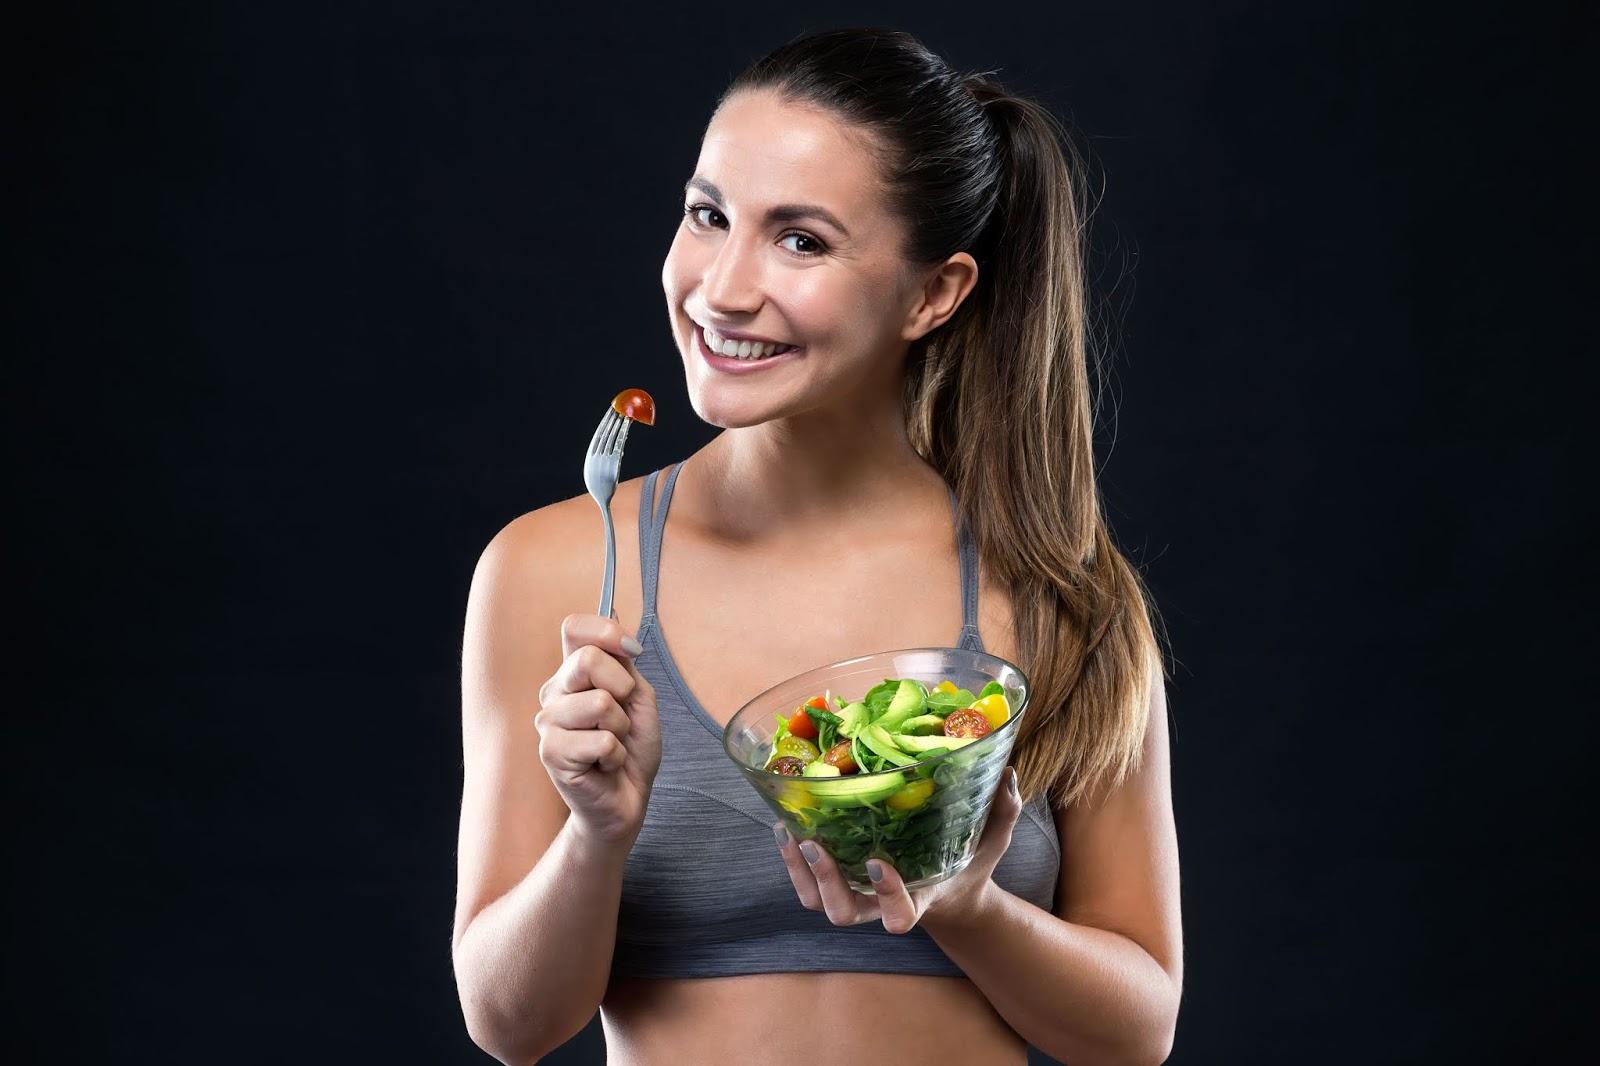 Диета И Спорт Как Похудеть. Спортивная диета для сжигания жира: меню, правила, советы